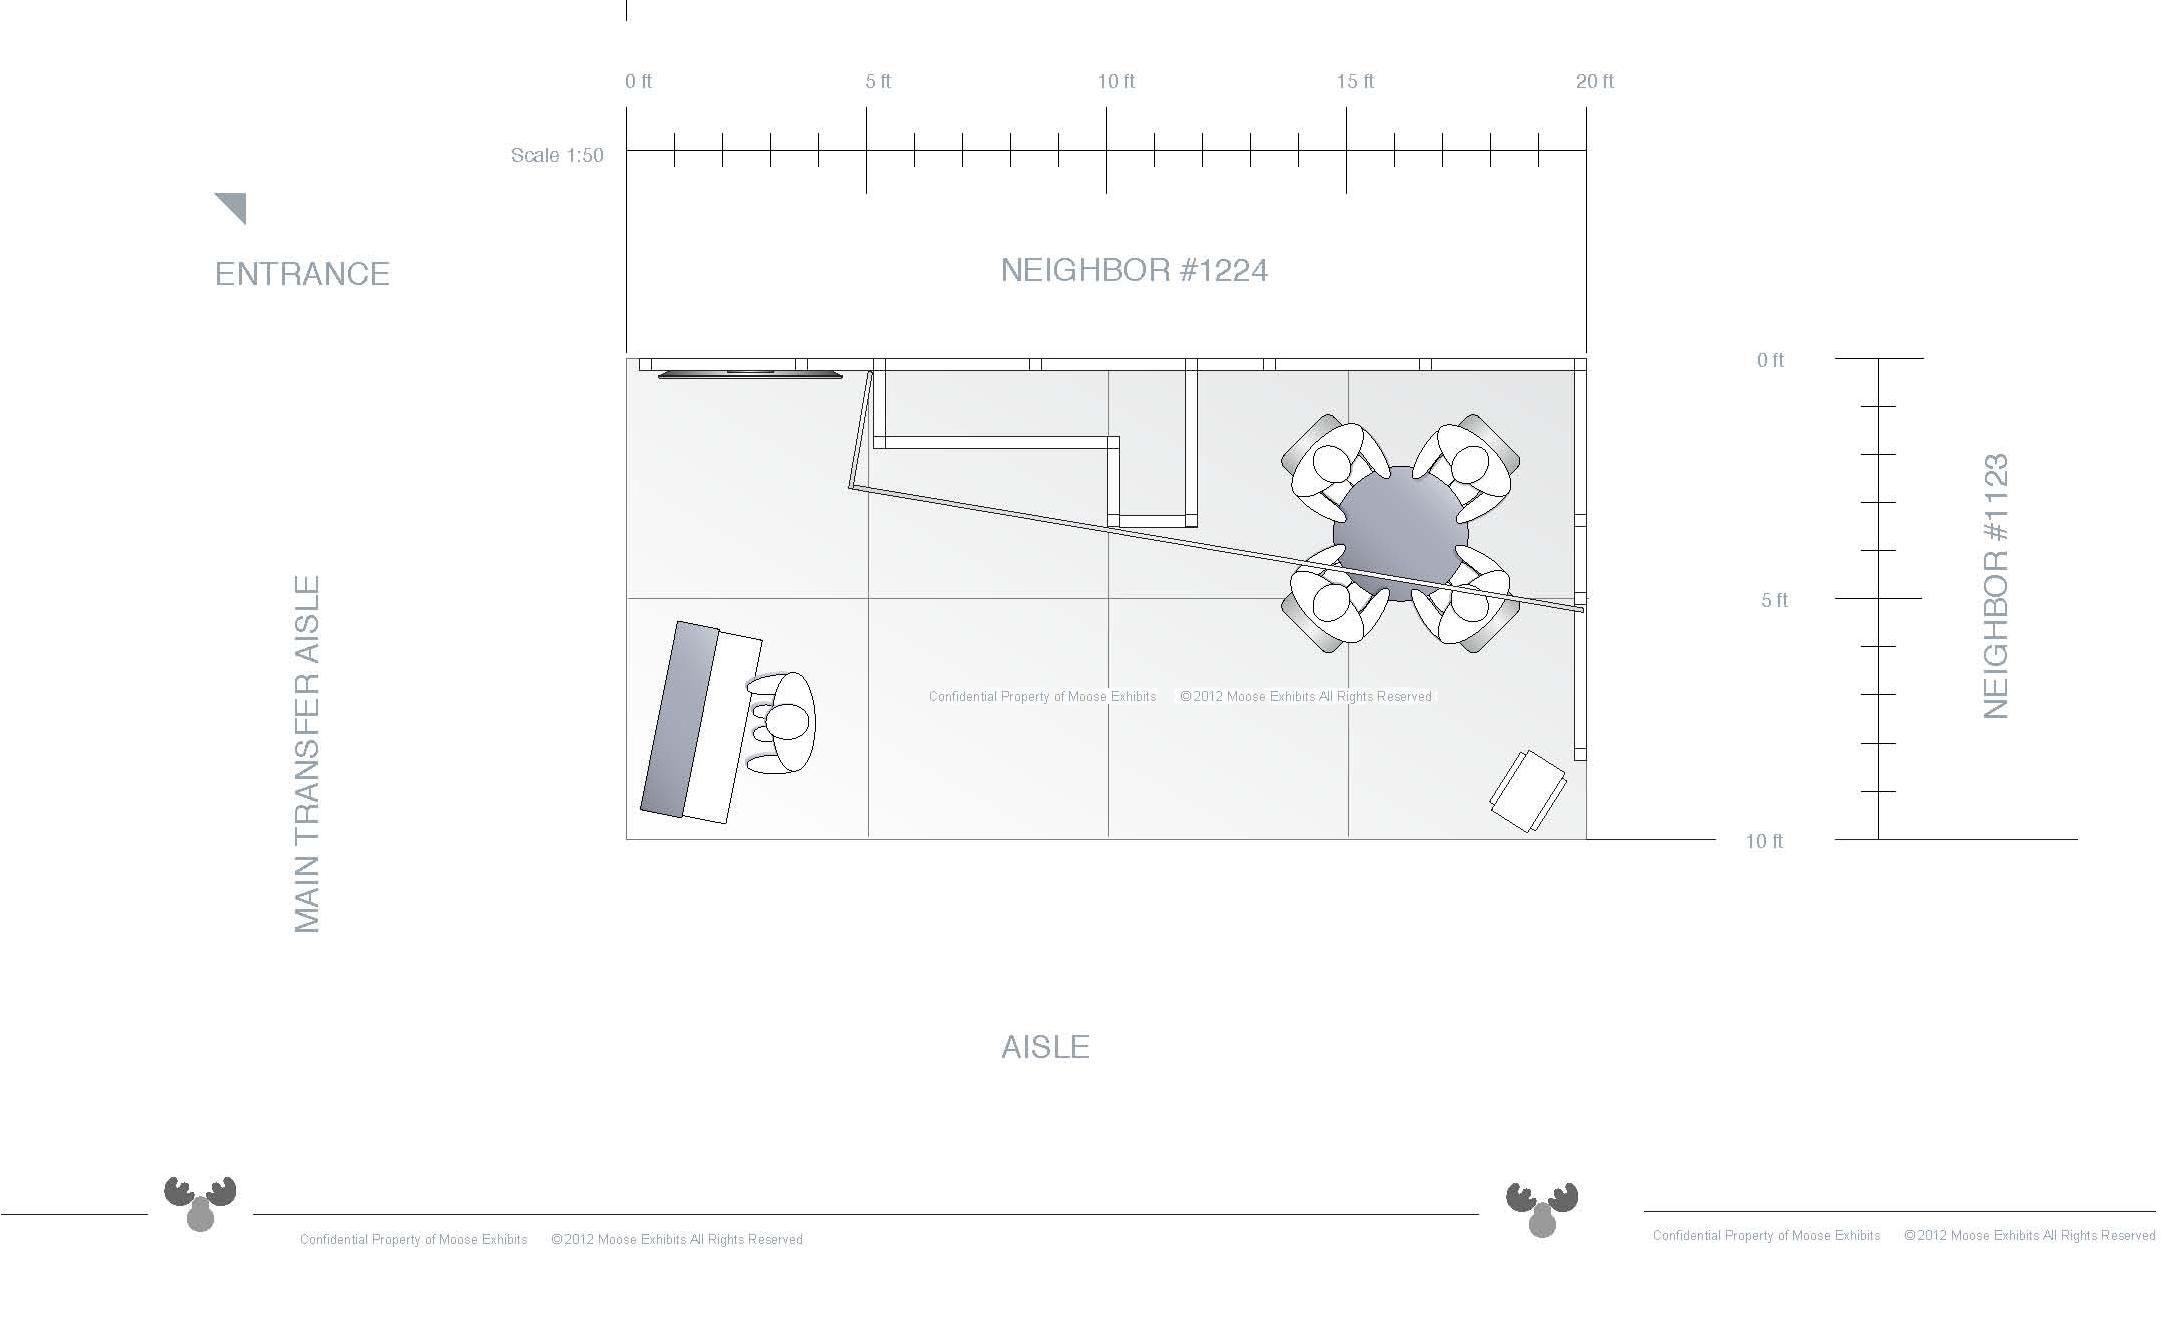 10 x 20 trade show exhibit floor plan design rcs 10 x for Trade show floor plan design